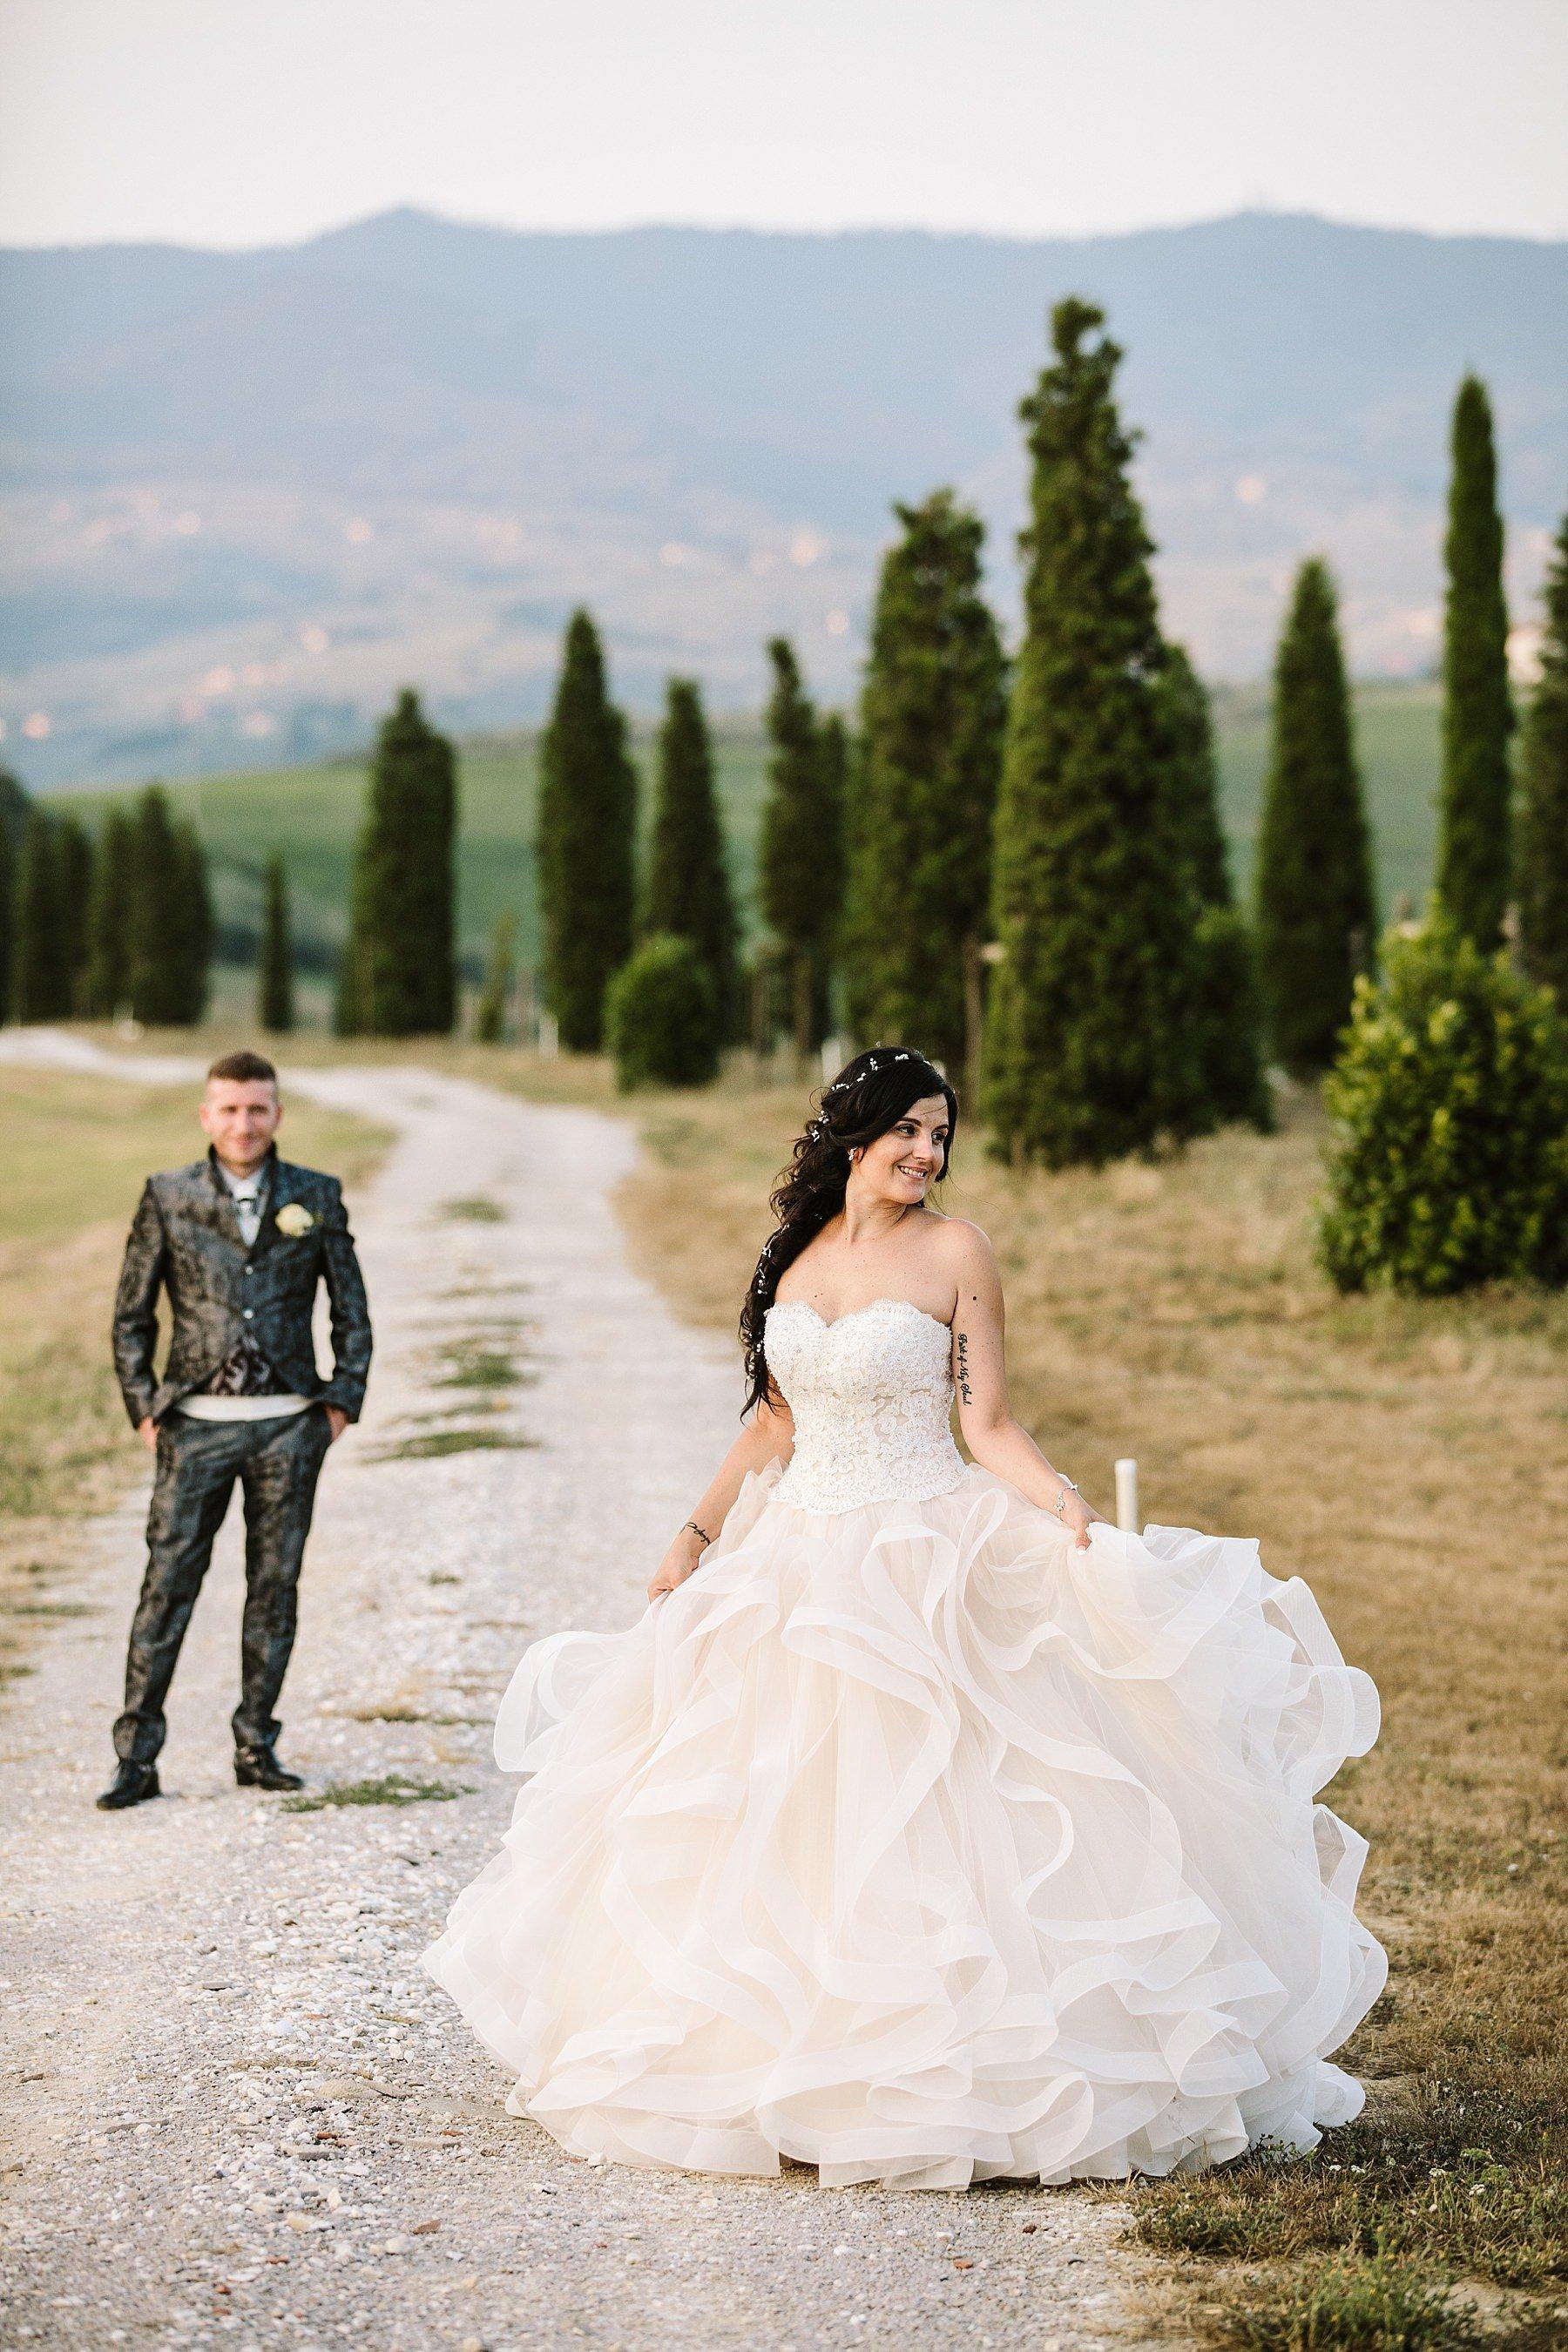 fotografo di matrimoni a firenze